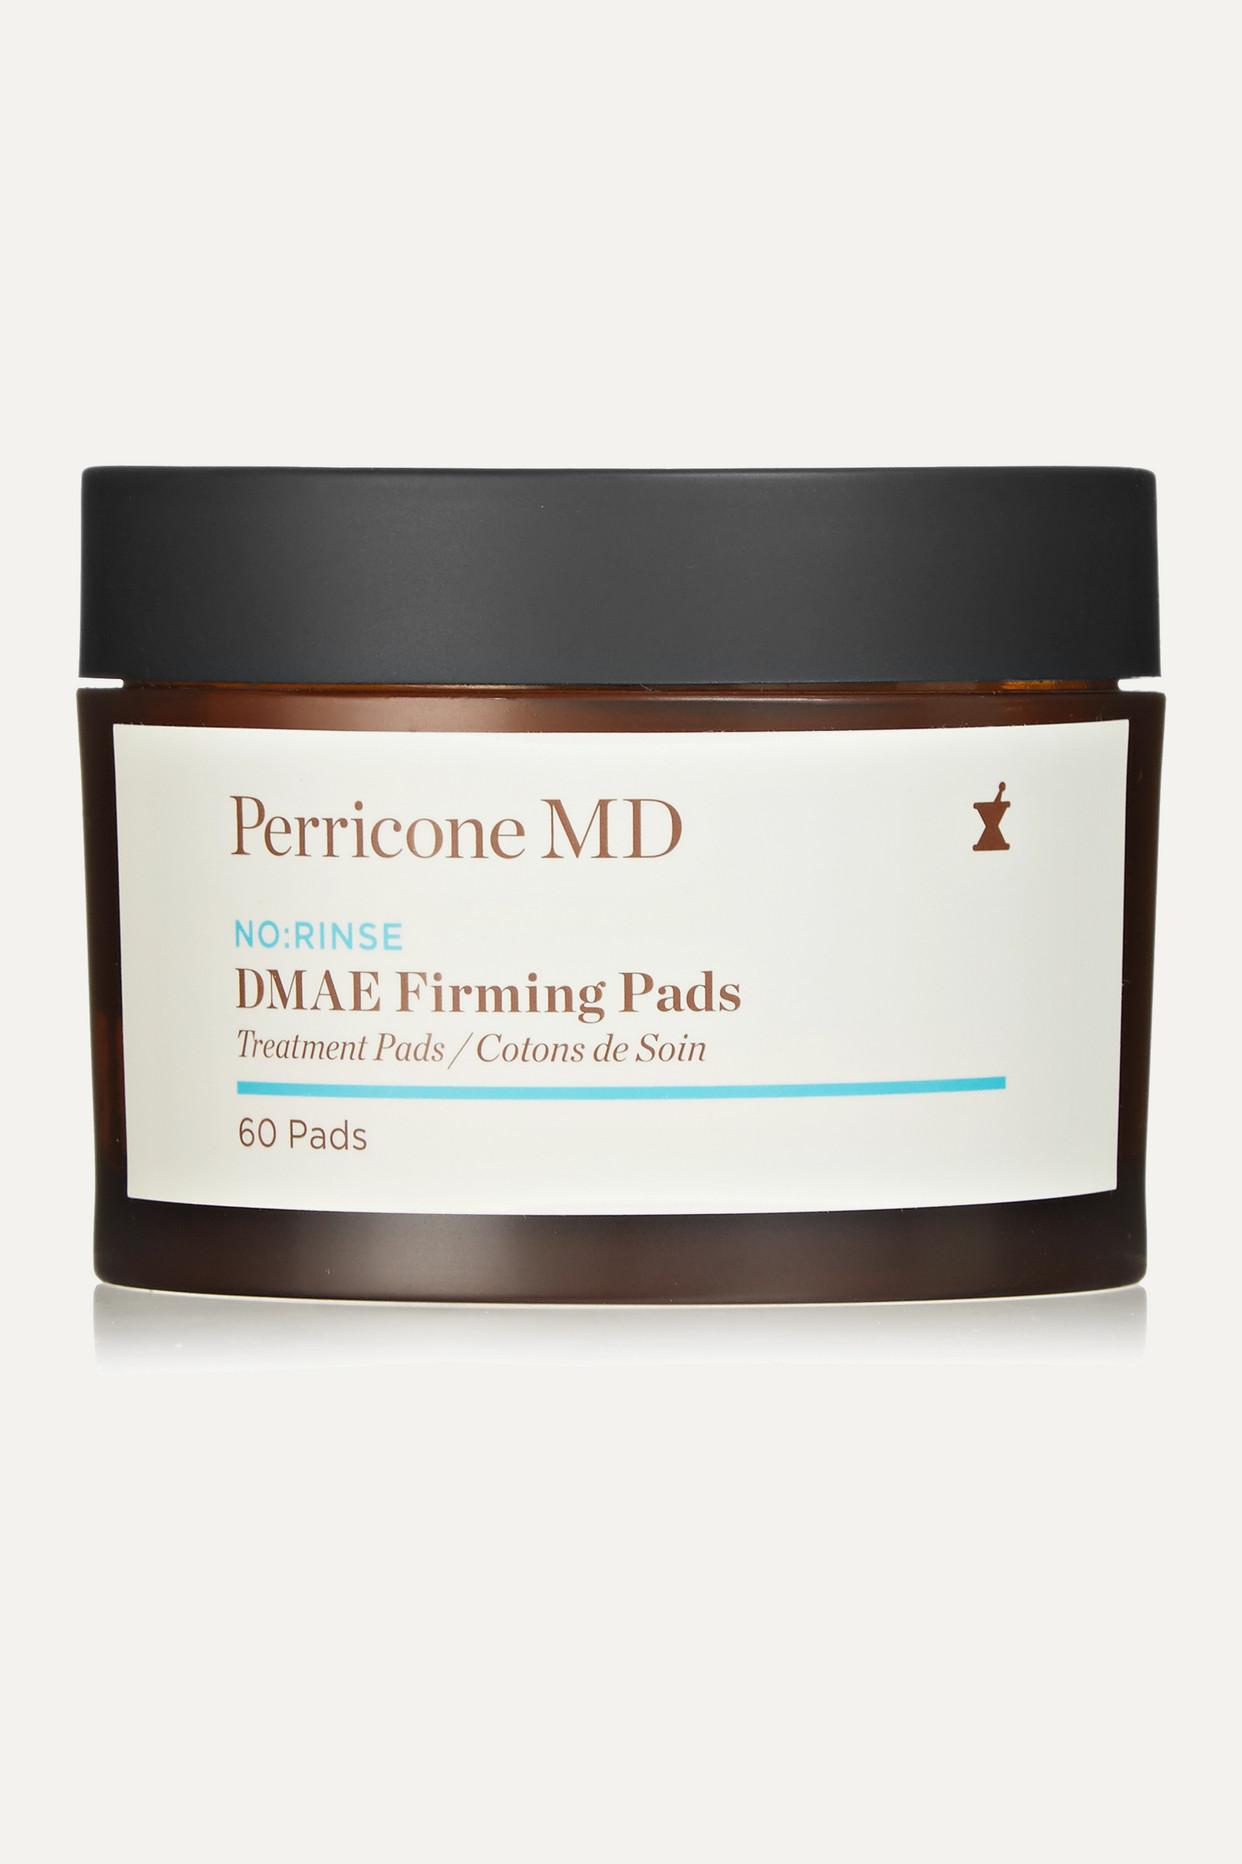 PERRICONE MD - 免洗系列抗氧化紧致棉片(60 片装) - 无色 - one size